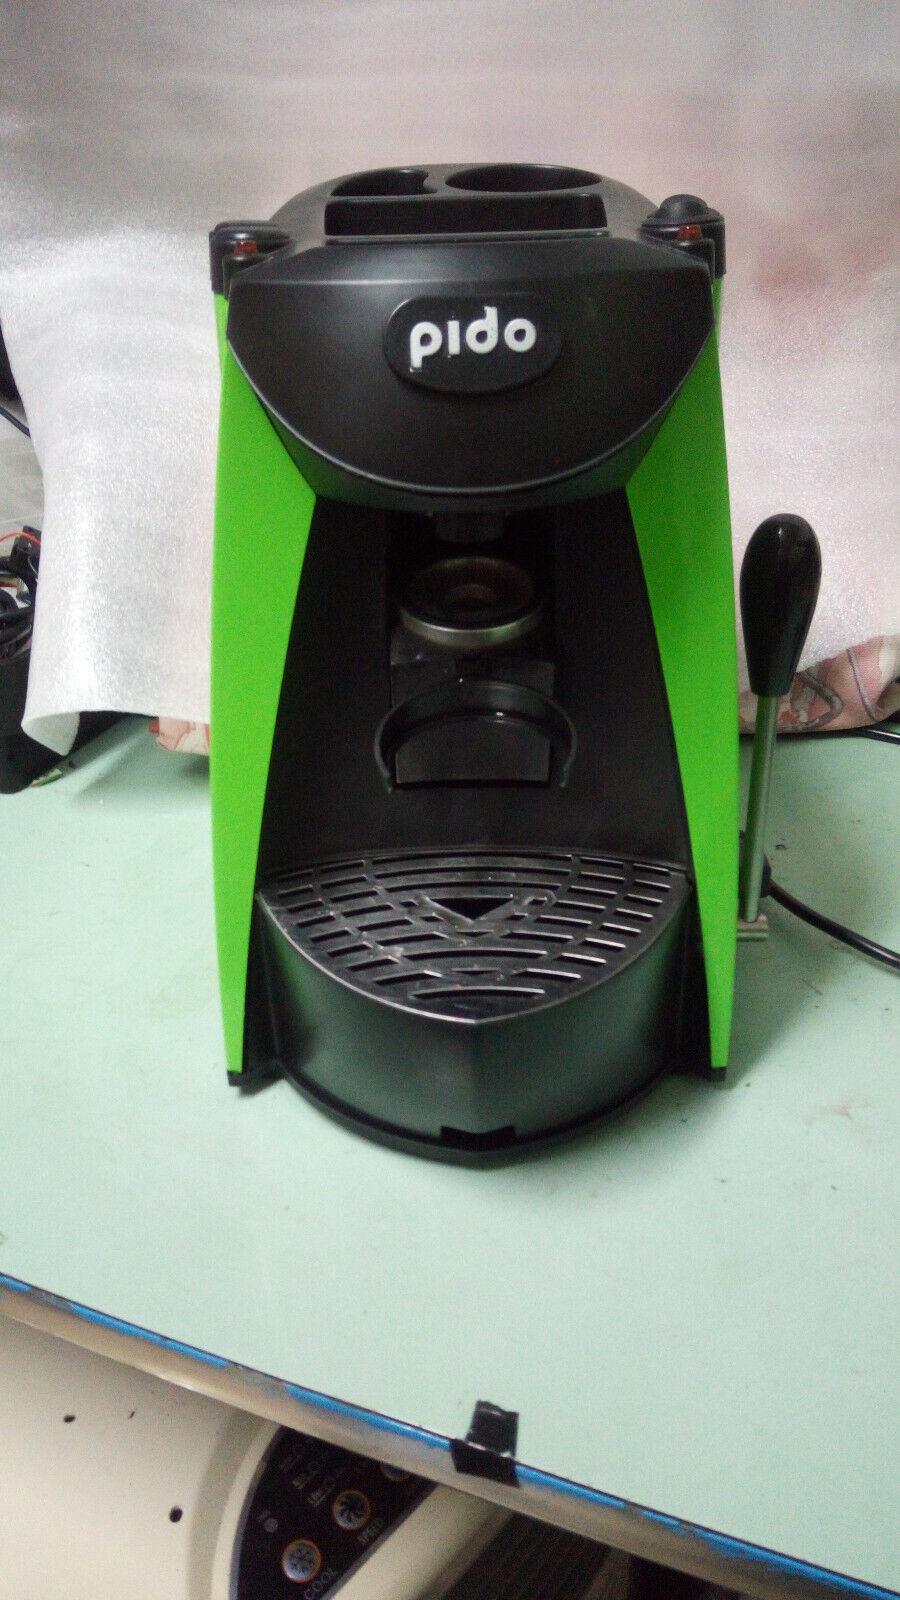 Macchina caffe pido   amor Cialde Standard da 44 mm carta